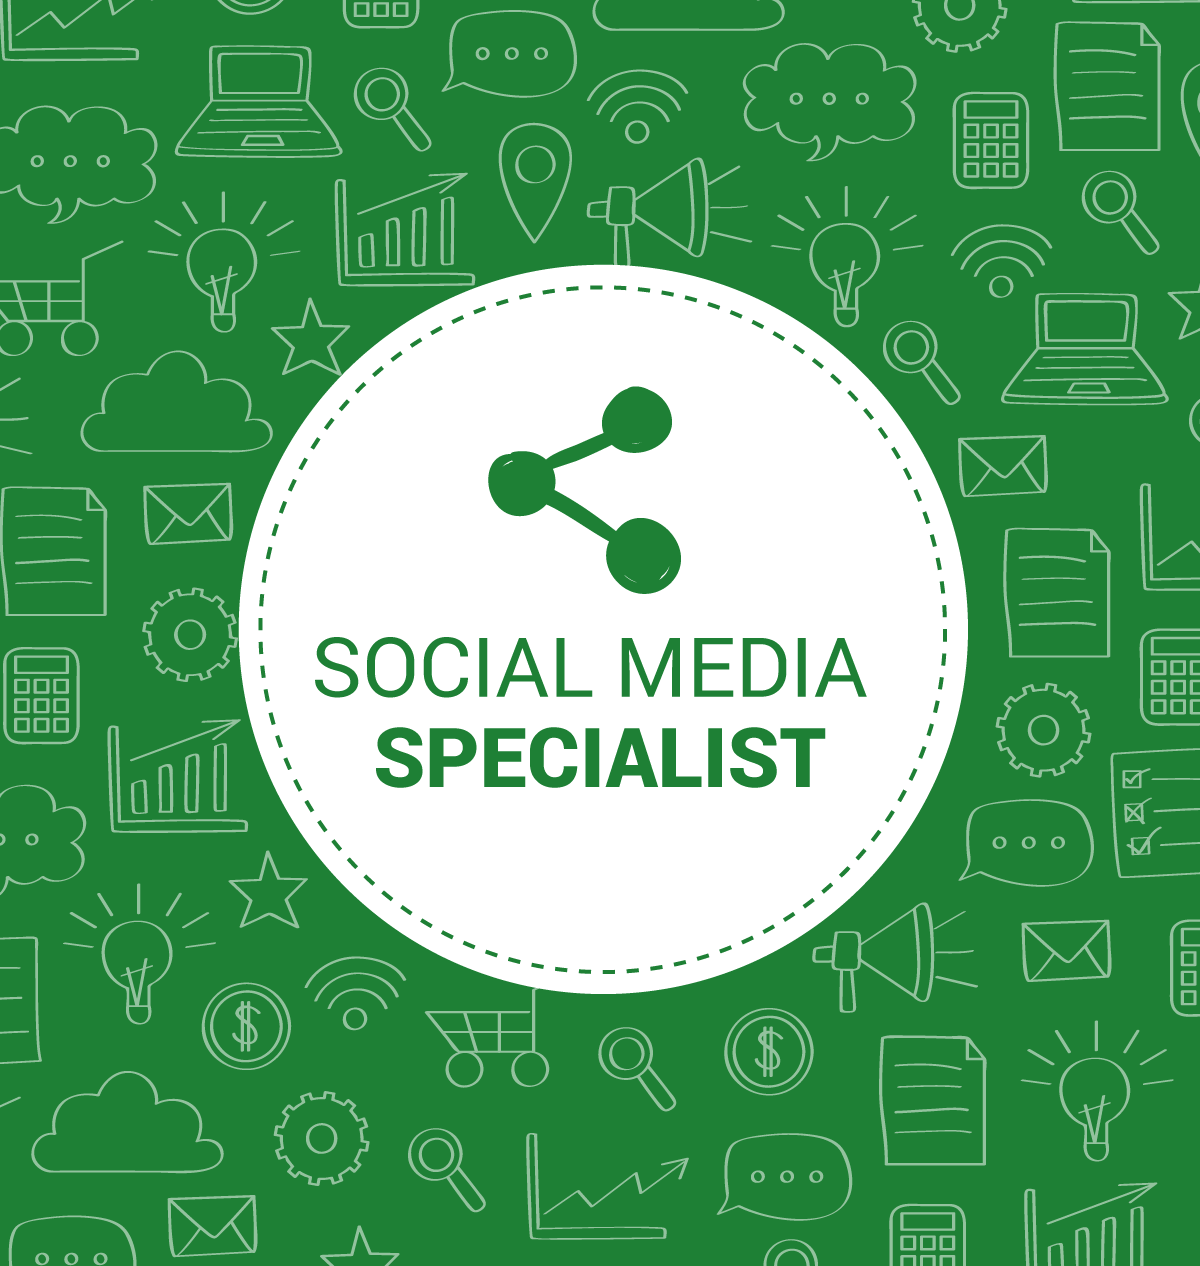 social-media-specialist_pacchetti-formativi-o-professioni_corsi-web-italia